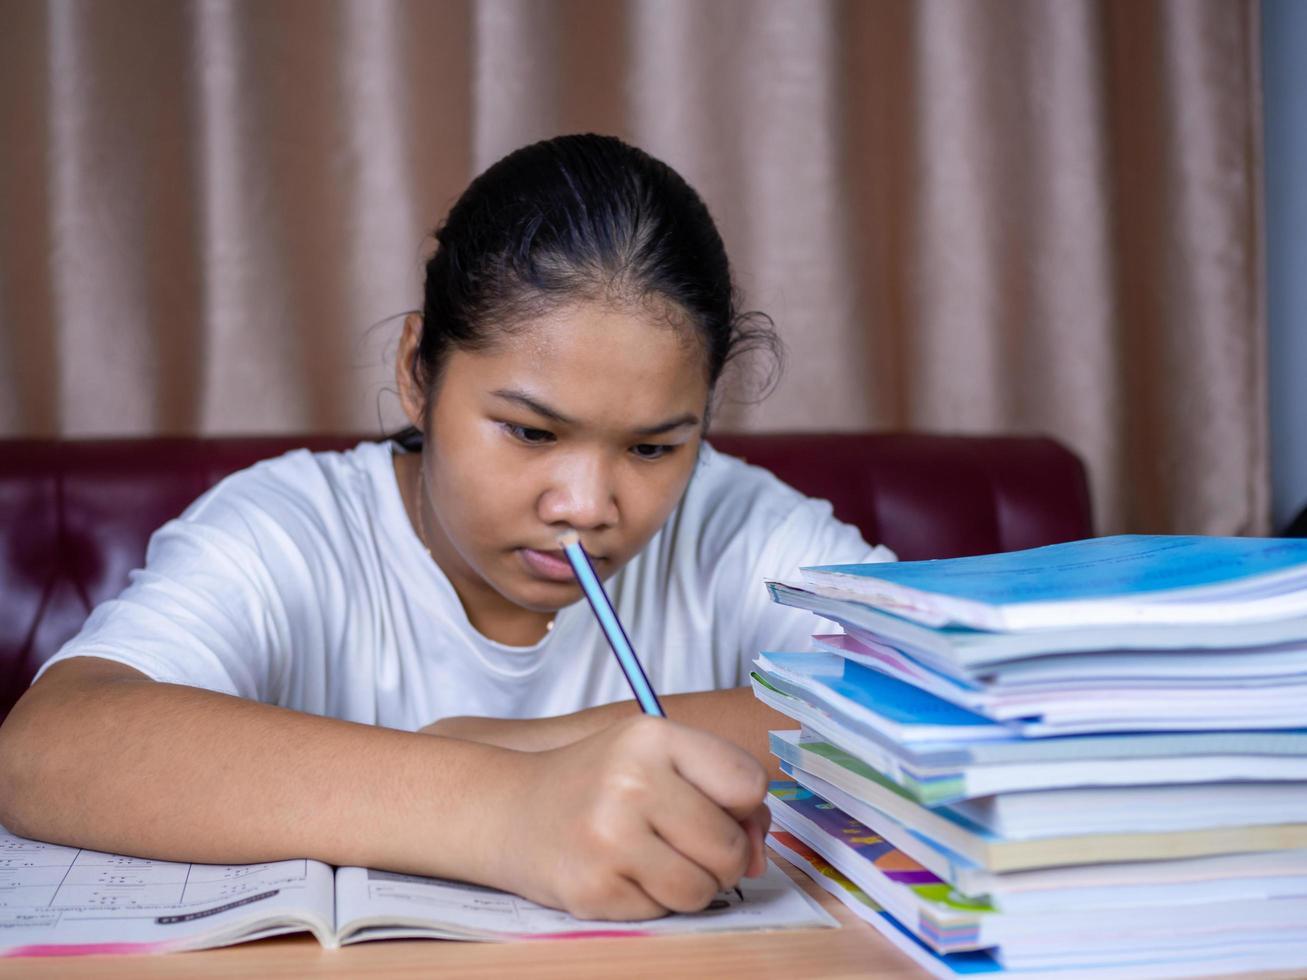 chica haciendo los deberes en una mesa de madera. foto